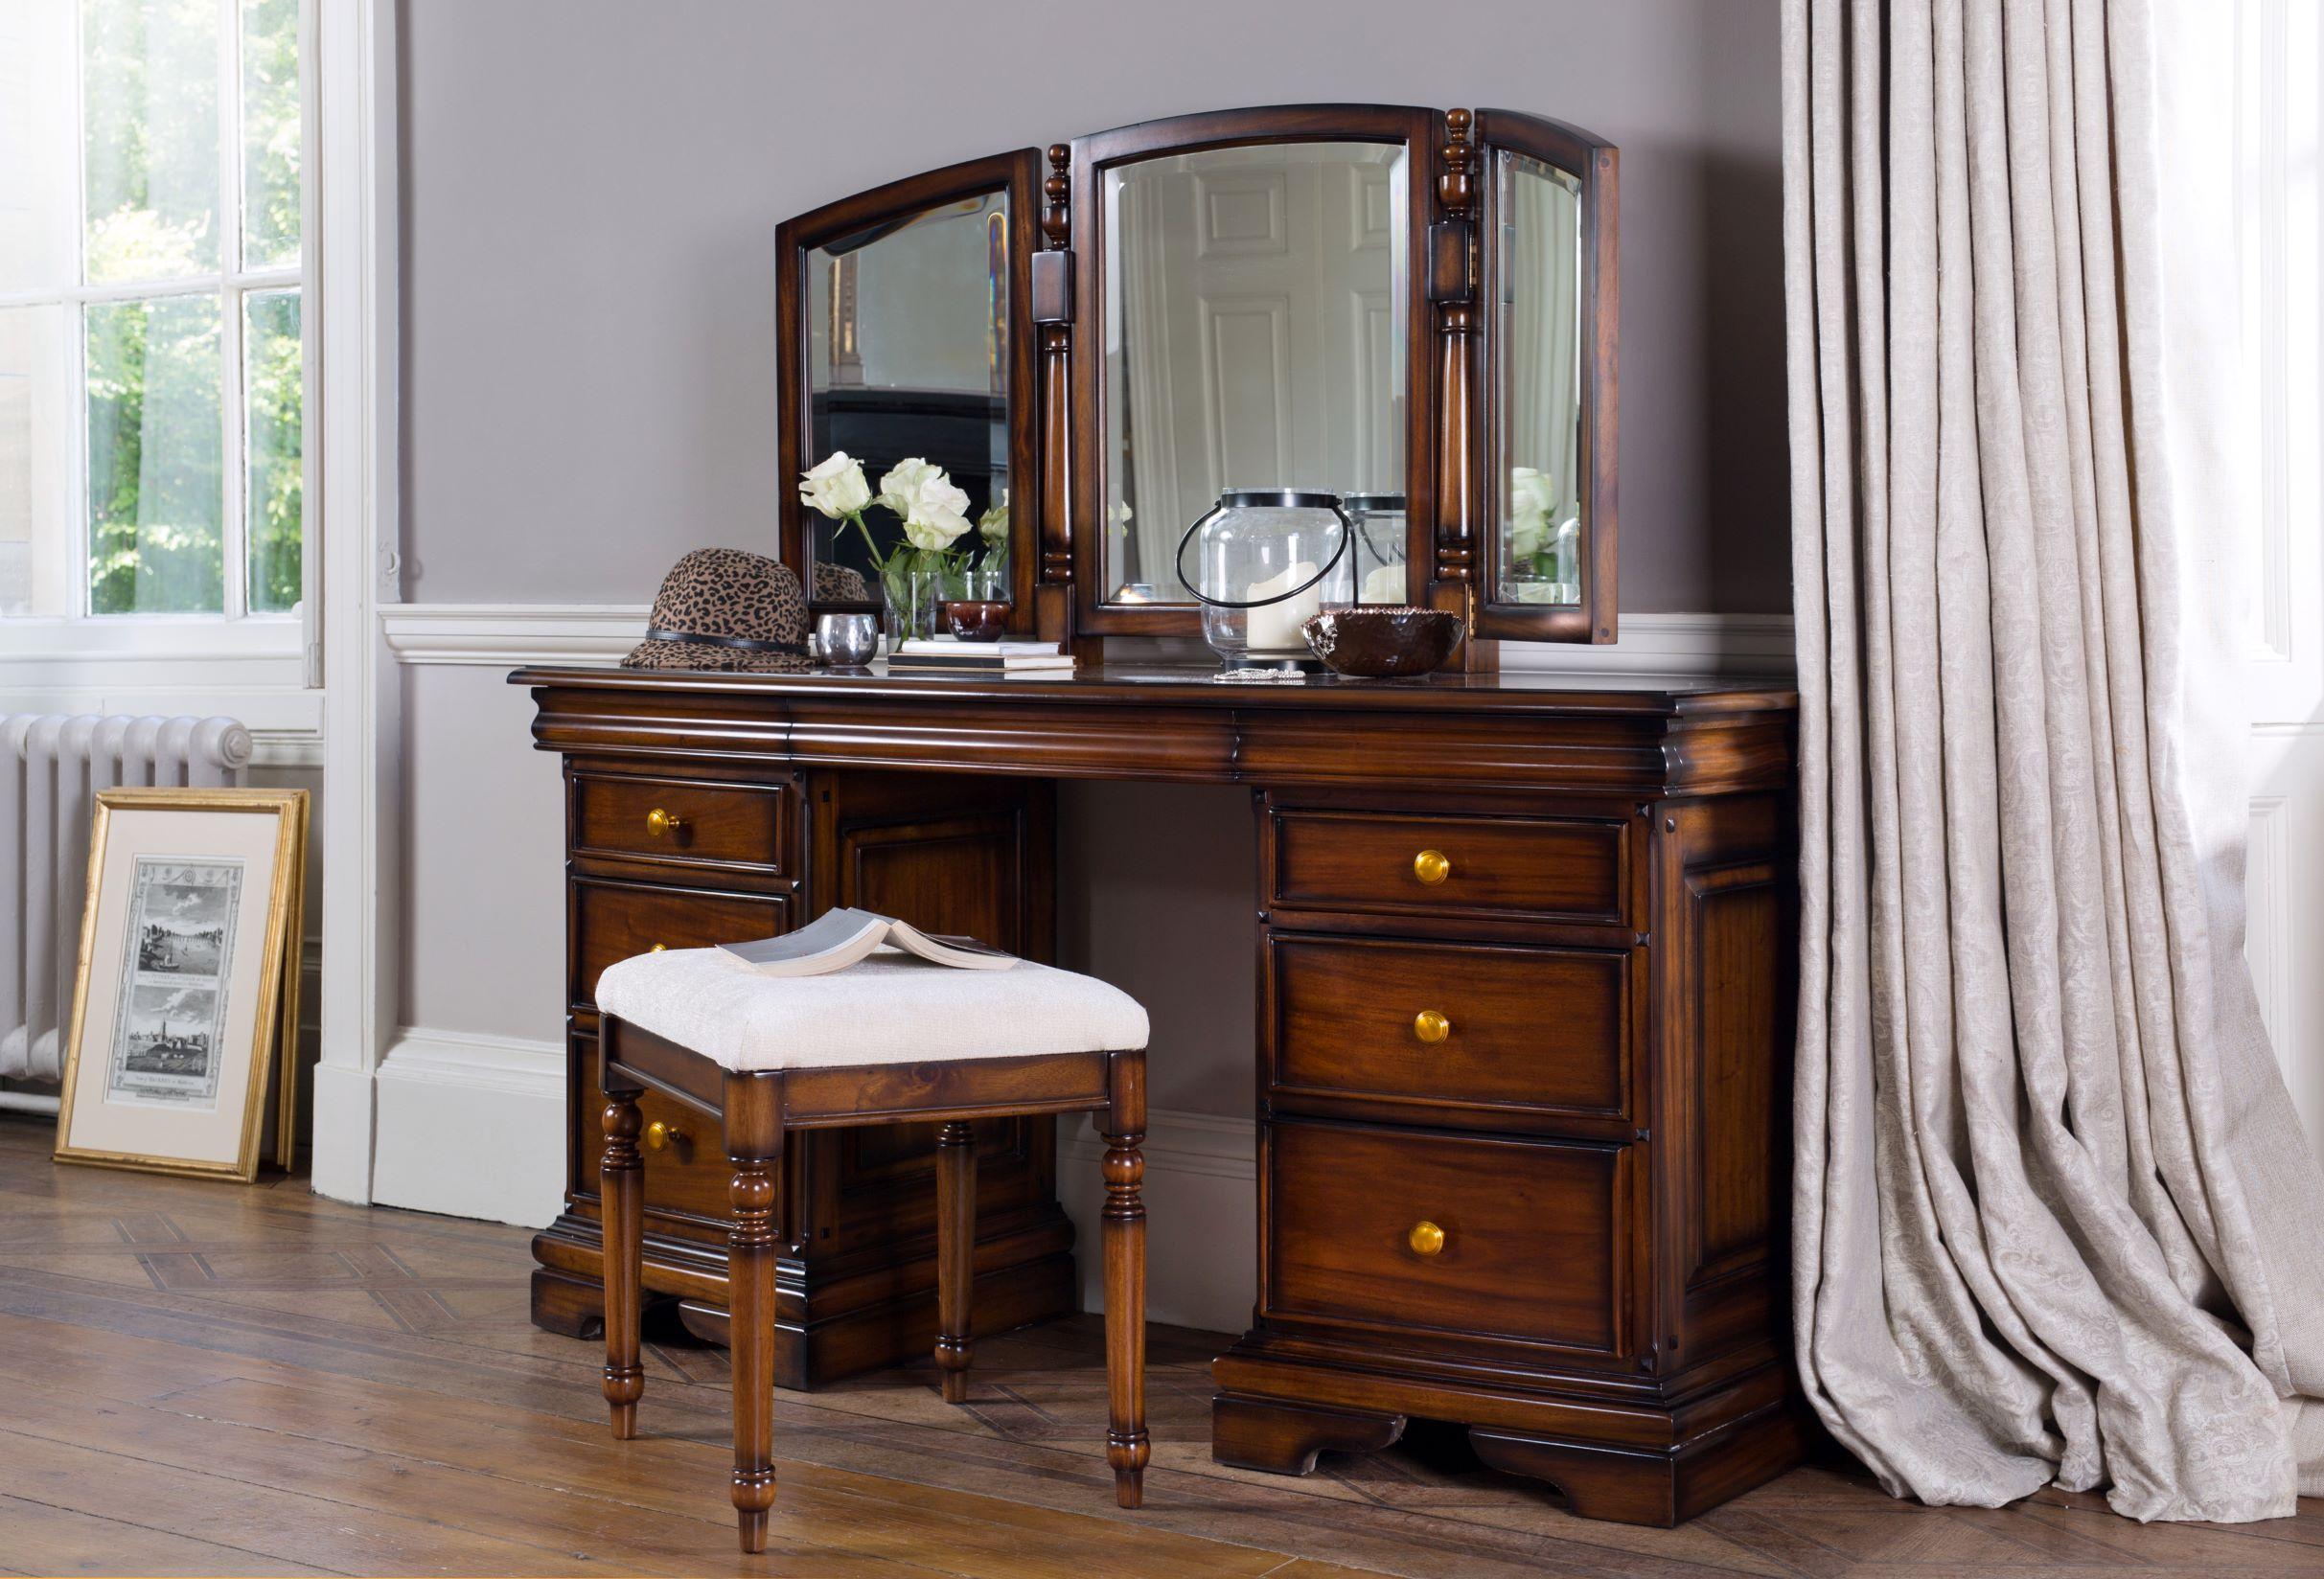 NORMANDIE DRESSING TABLE - L120cm x D50cm x H141cm